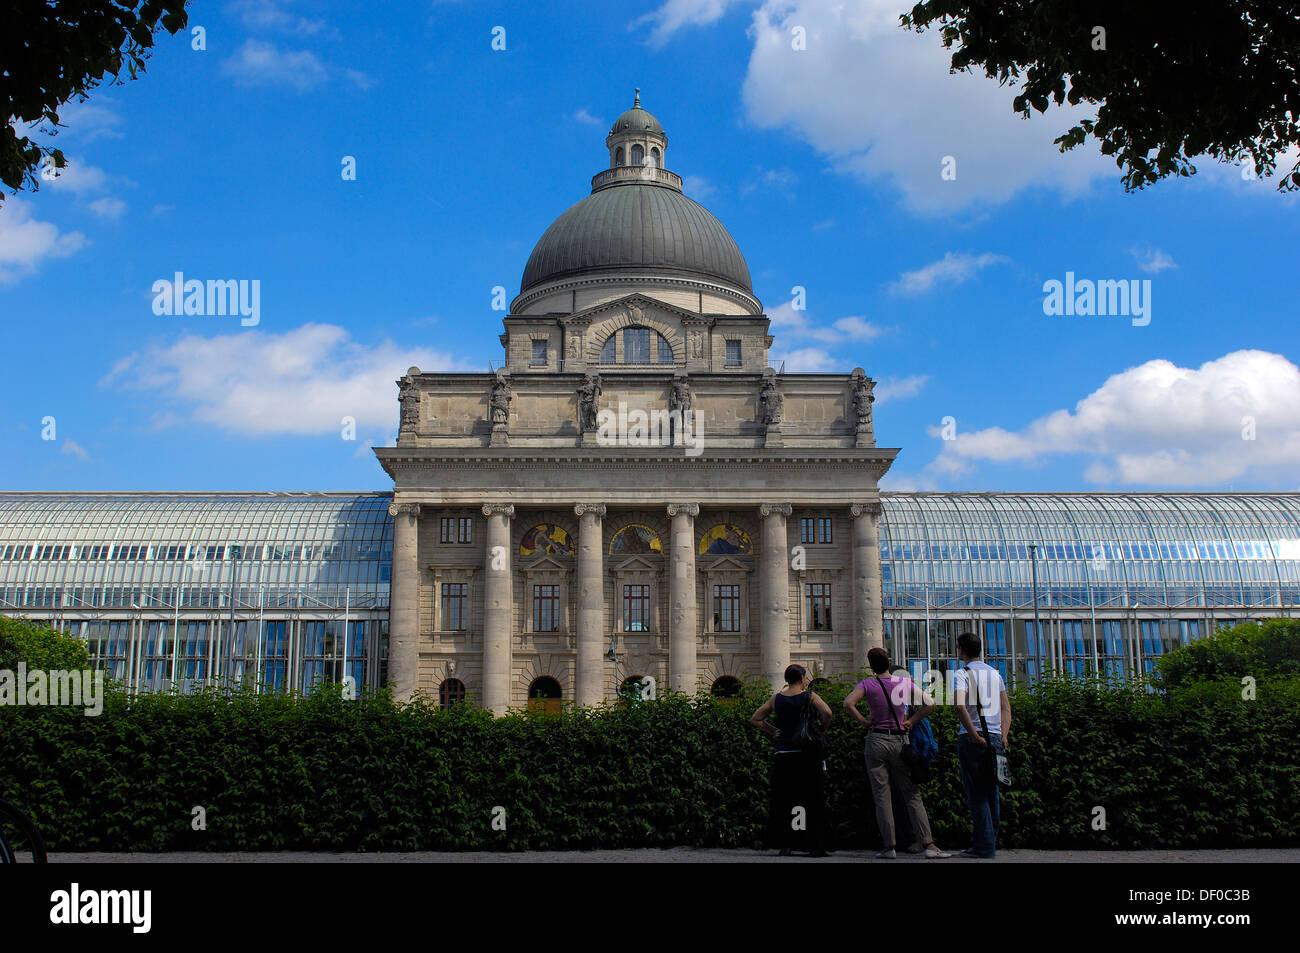 Munich, Bavarian State Chancellery, Bayerische Staatskanzlei, Hofgarten, Bavaria, Germany - Stock Image